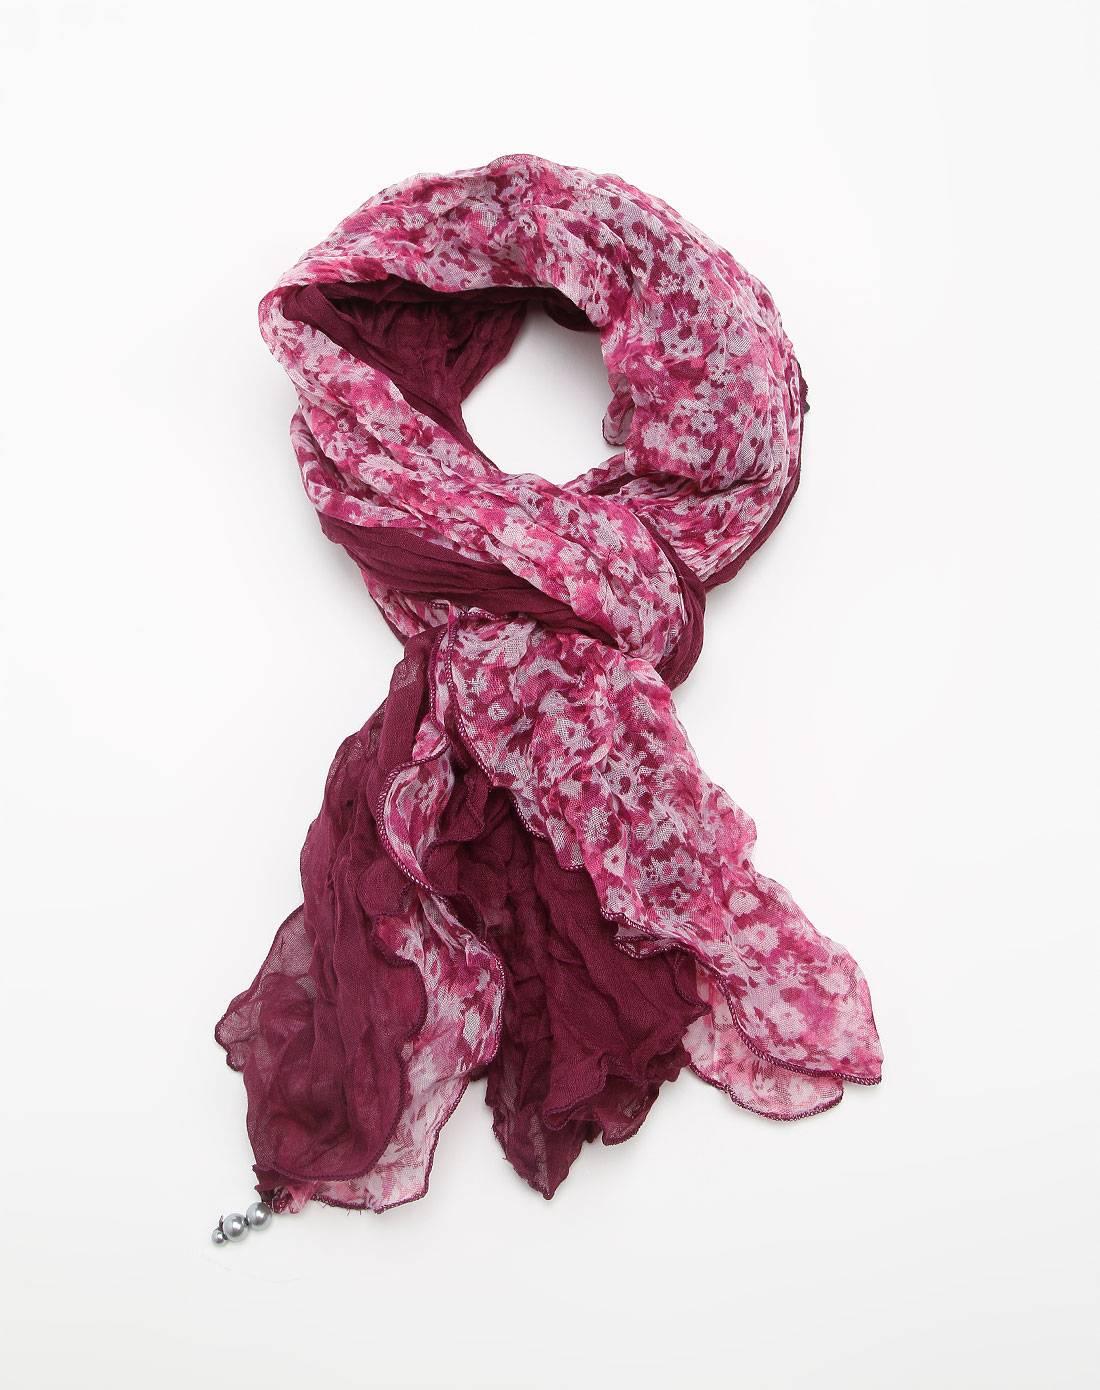 Yiwu scarf supplier